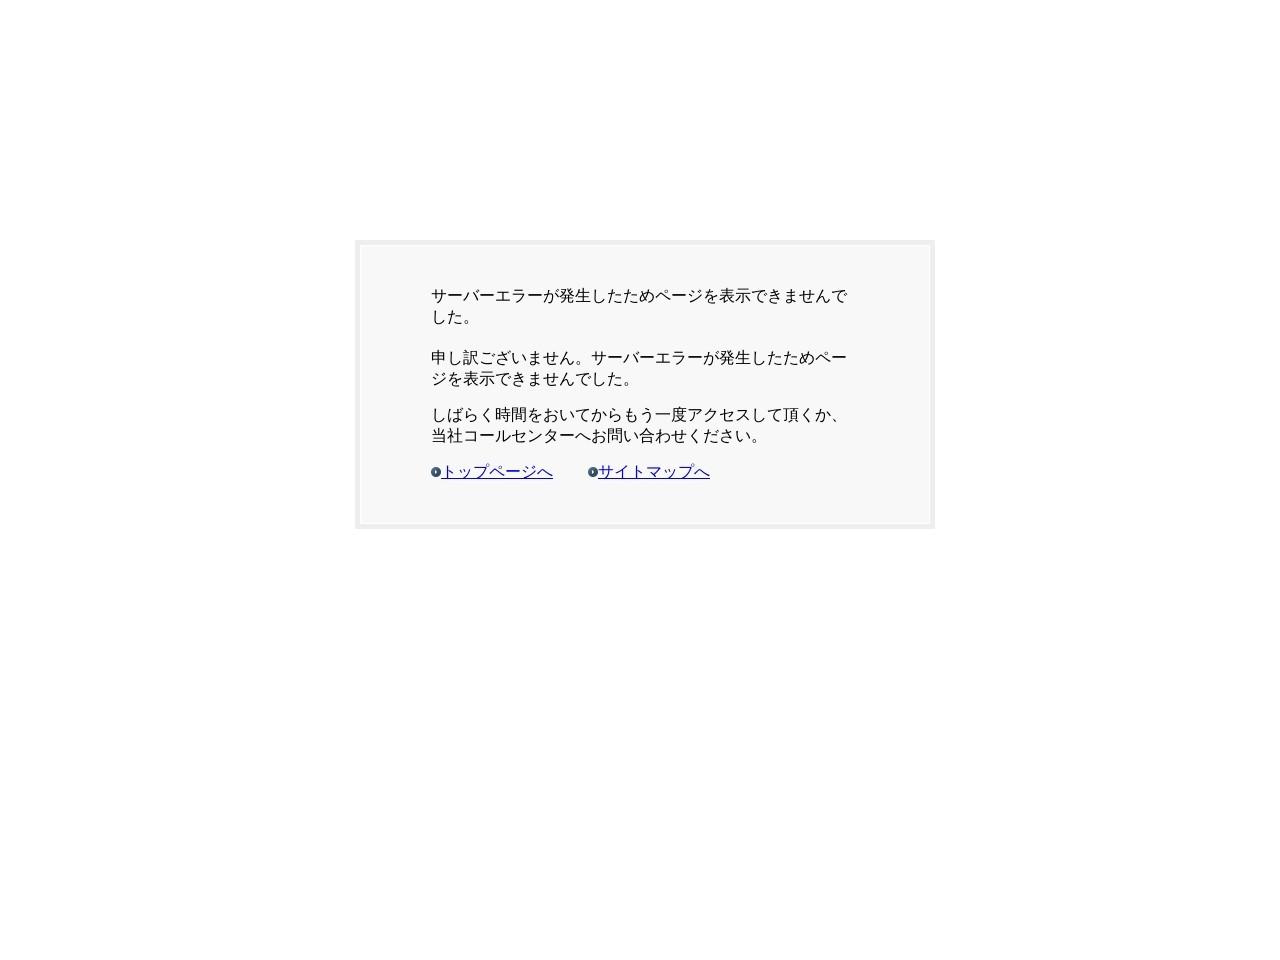 株式会社ミヤケコーポレーション